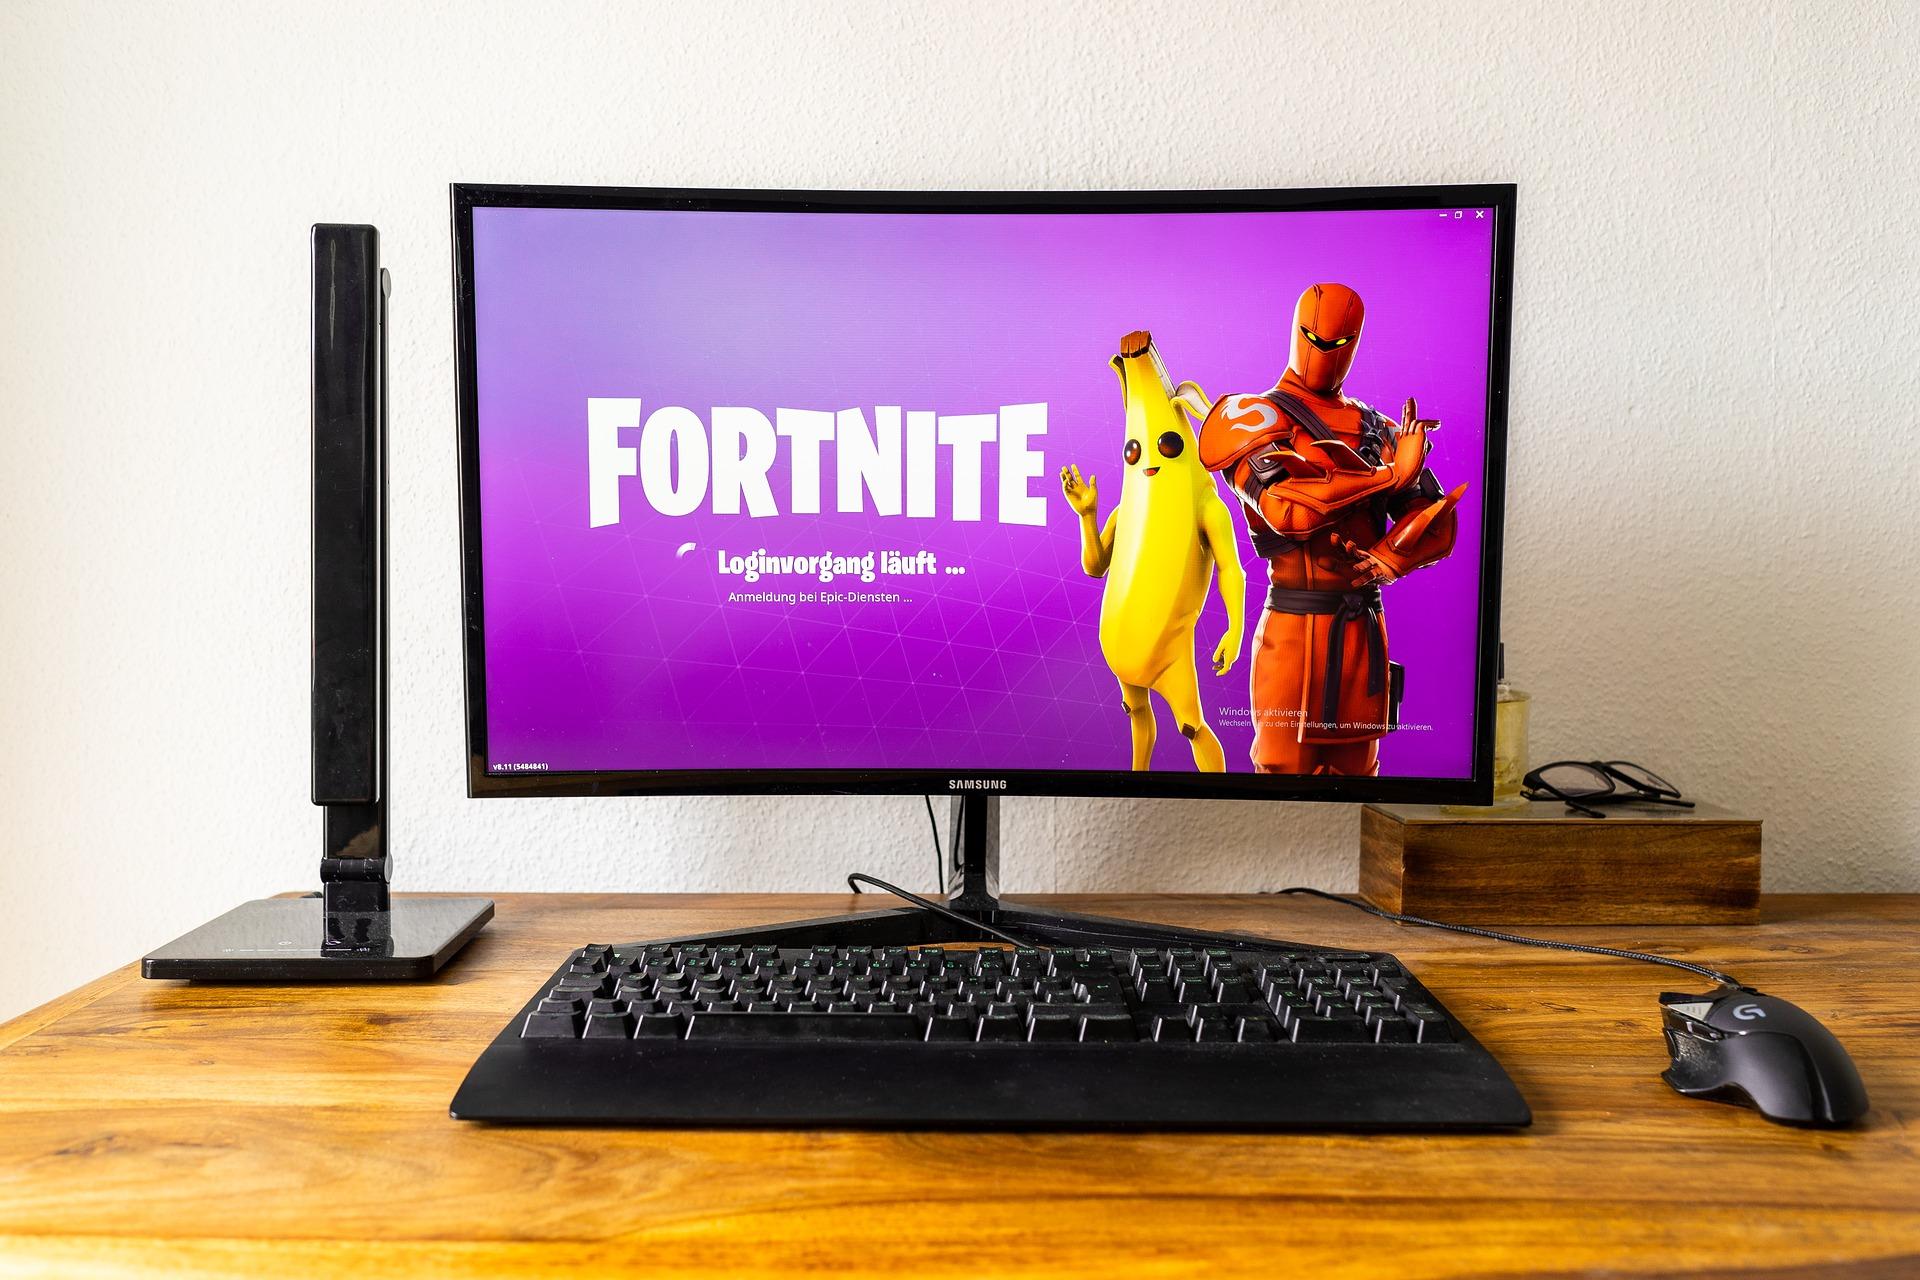 Imagem mostra um computador com imagem do jogo Fortnite na tela.